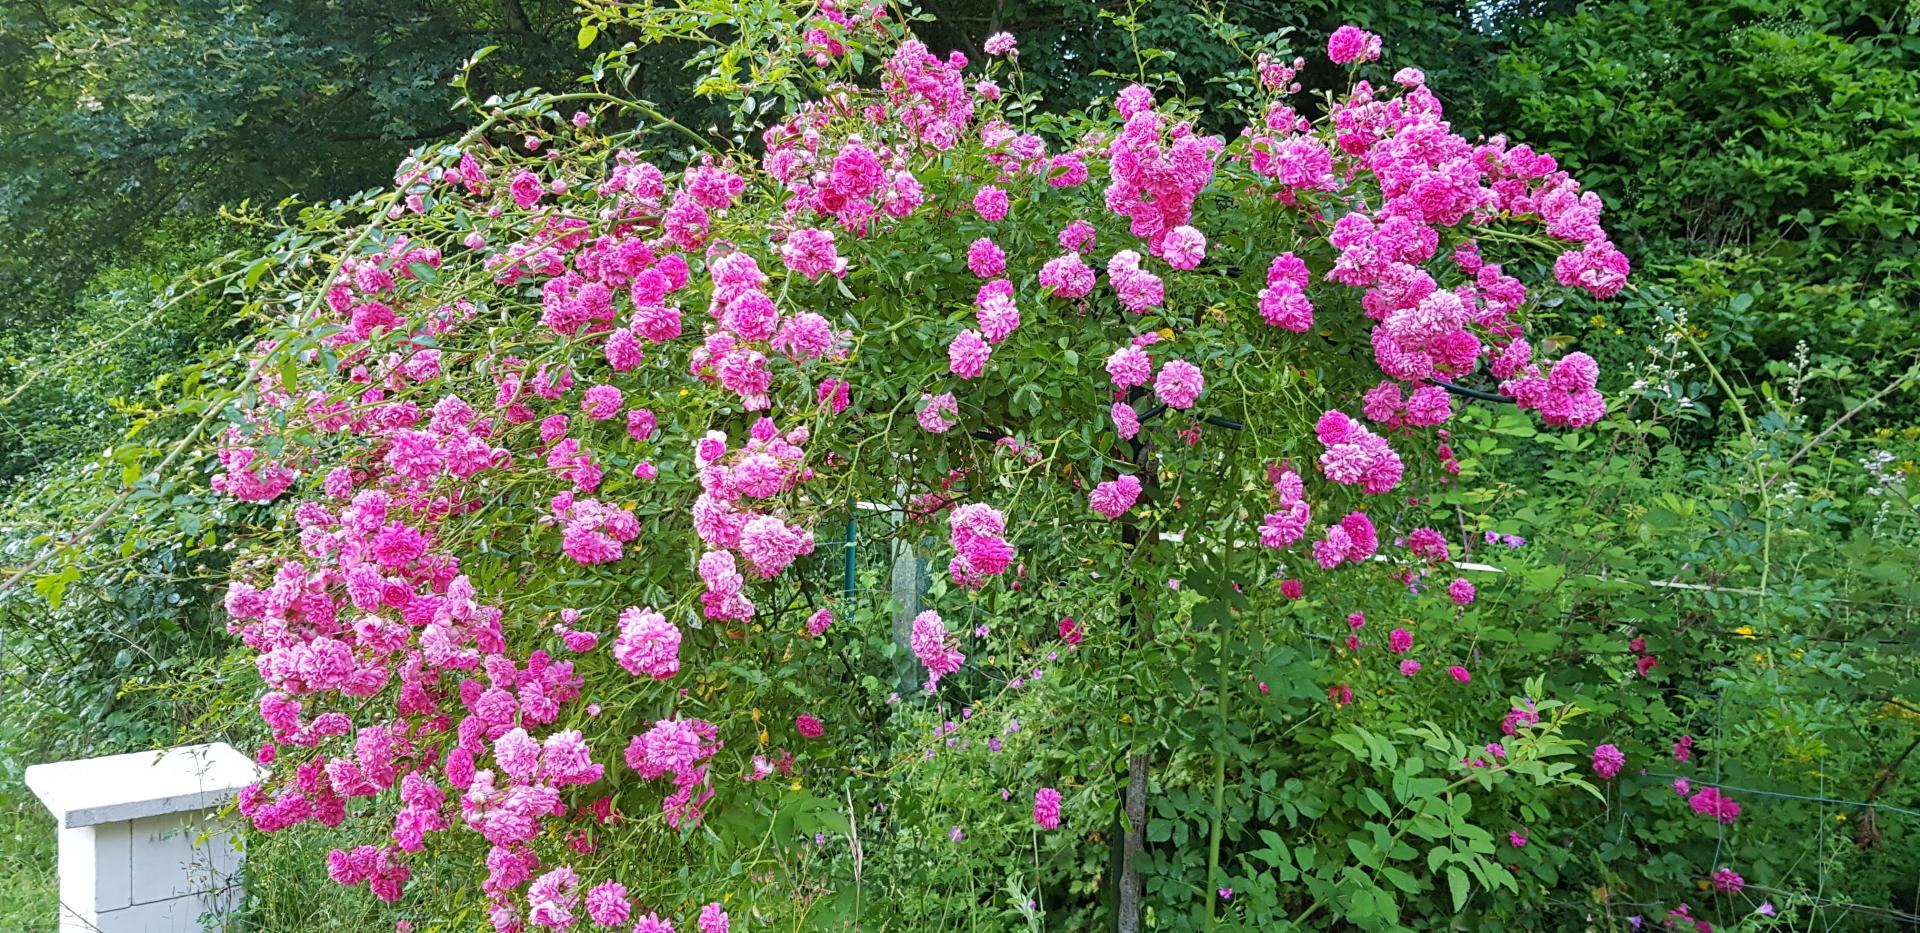 rosebush stalk